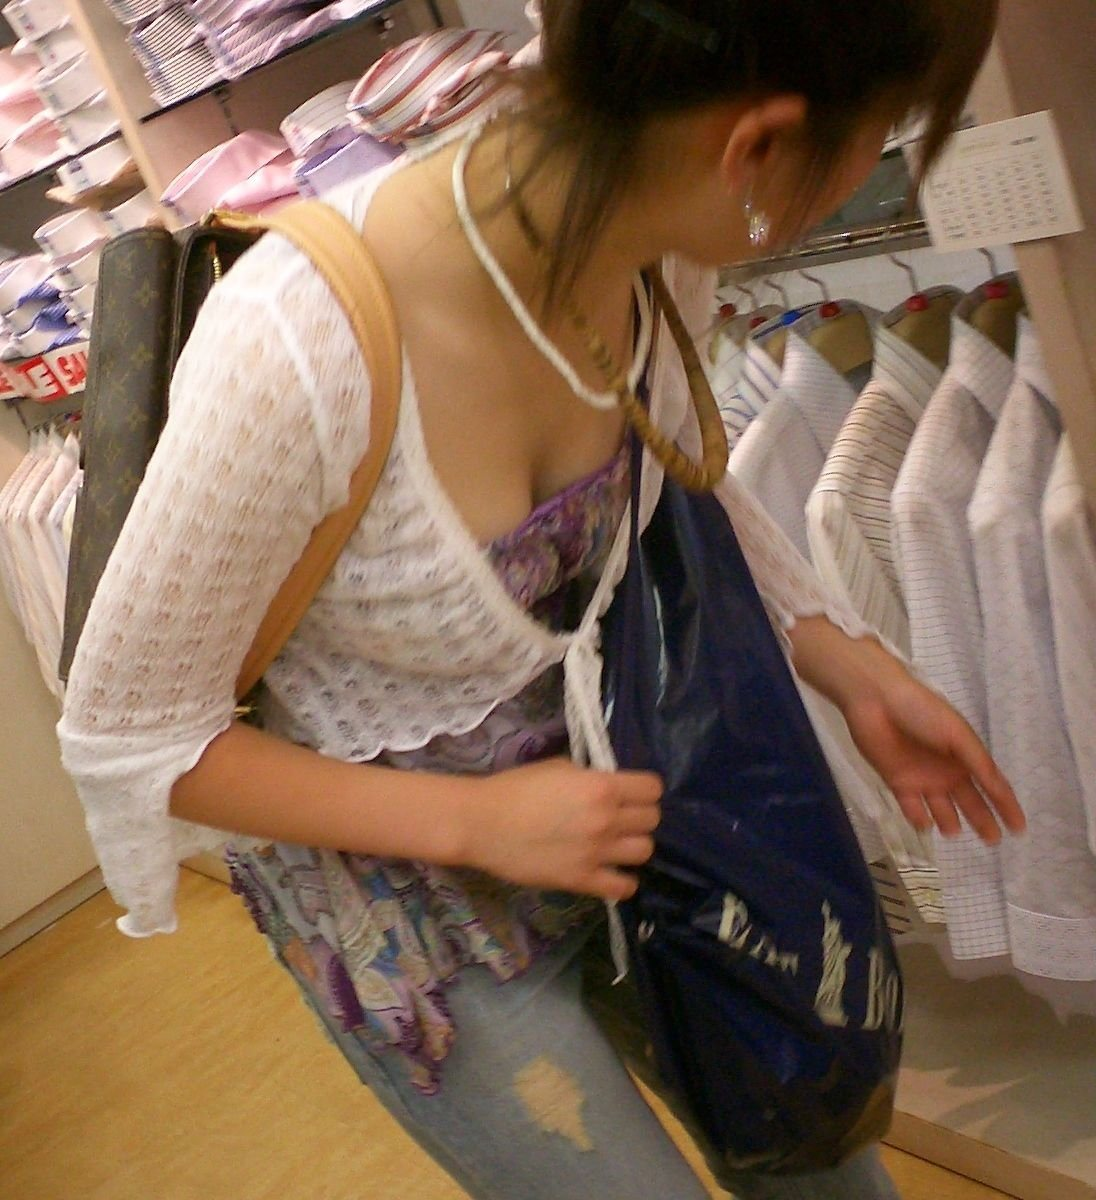 買い物中のお姉さんの胸チラを盗撮!